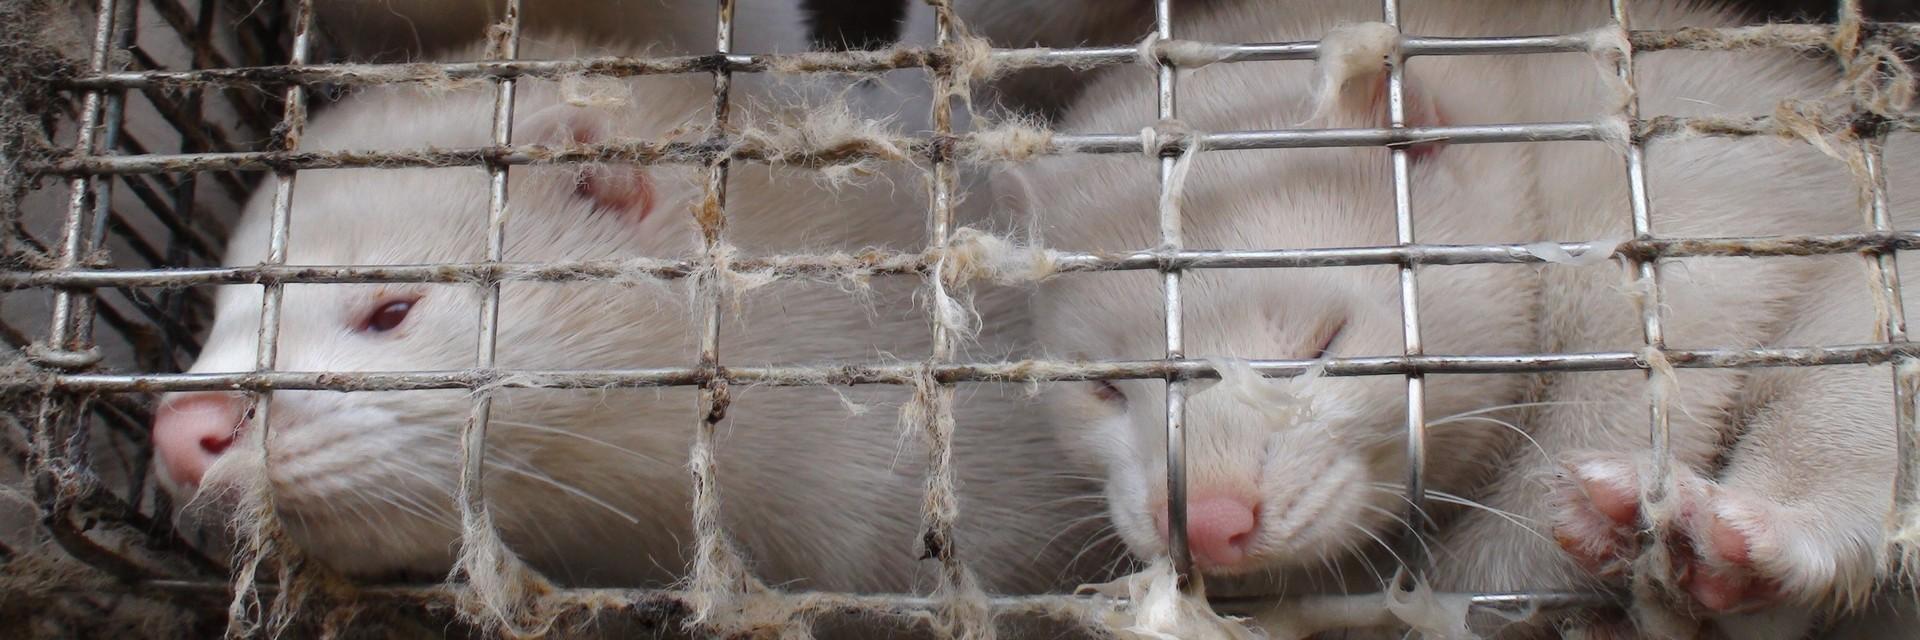 Pandemie & Tierschutz